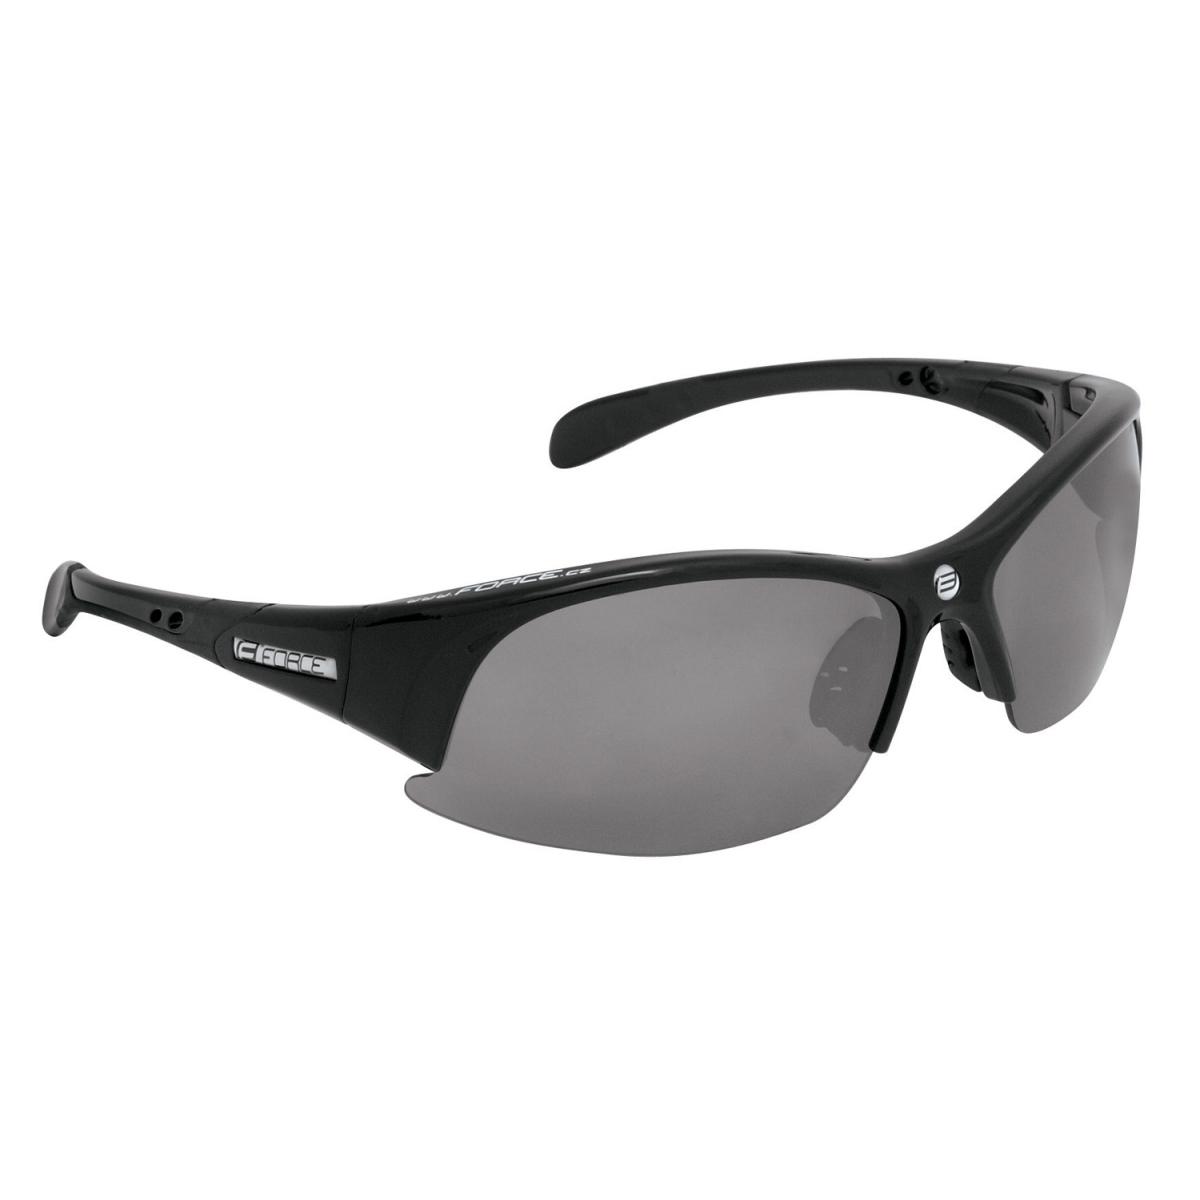 Brýle FORCE ULTRA černé, černá laser skla (sportovní brýle)